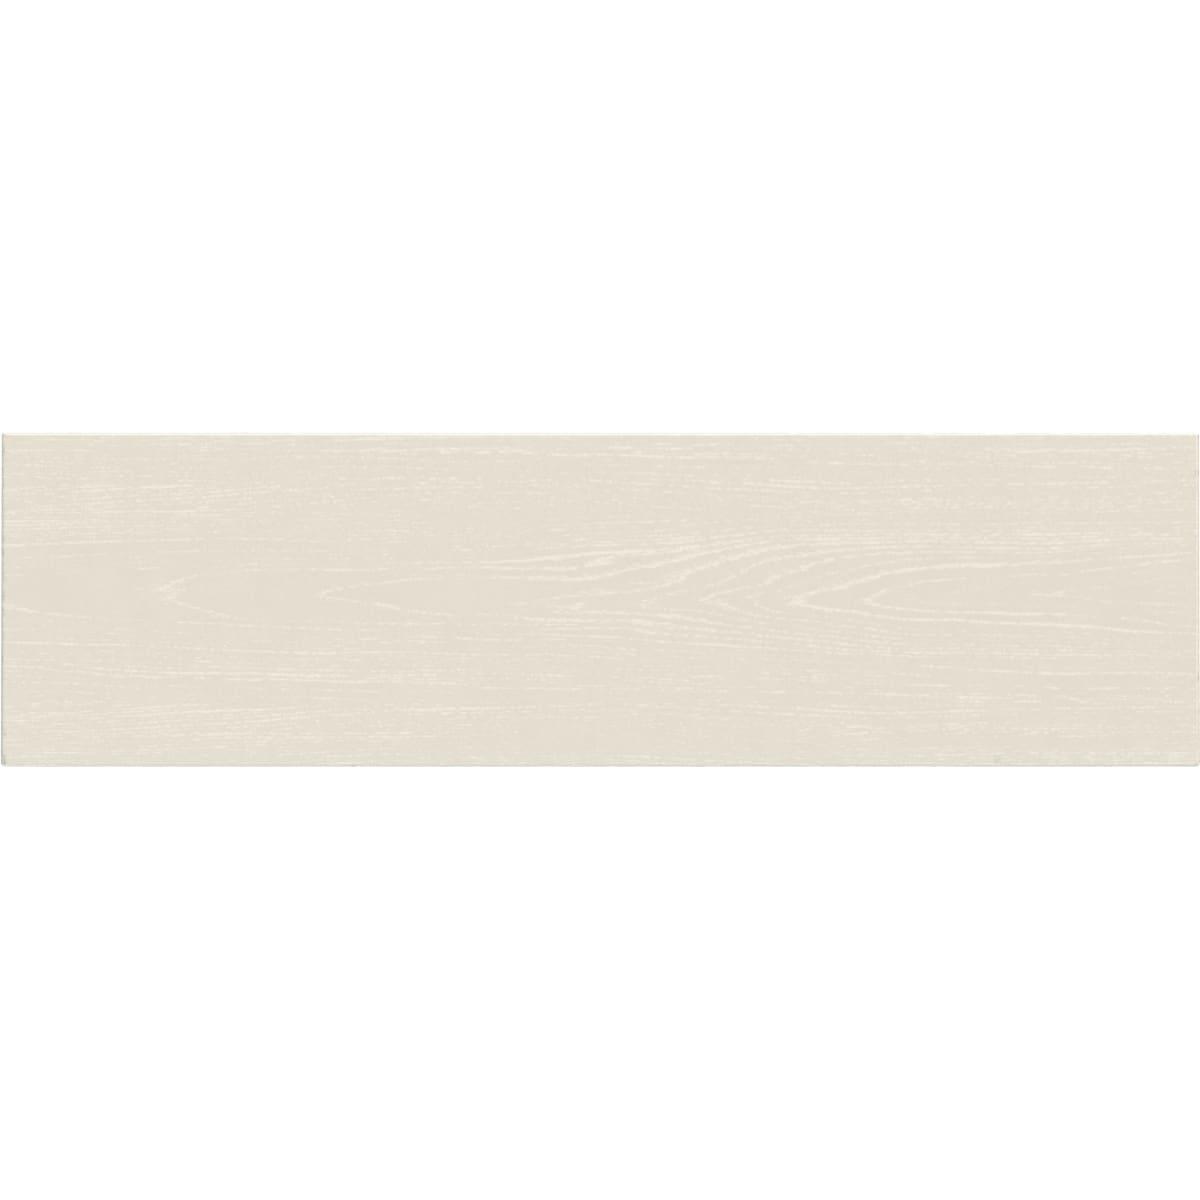 Дверь для ящика под духовку Delinia «Петергоф» 60x16.5 см, МДФ, цвет бежевый